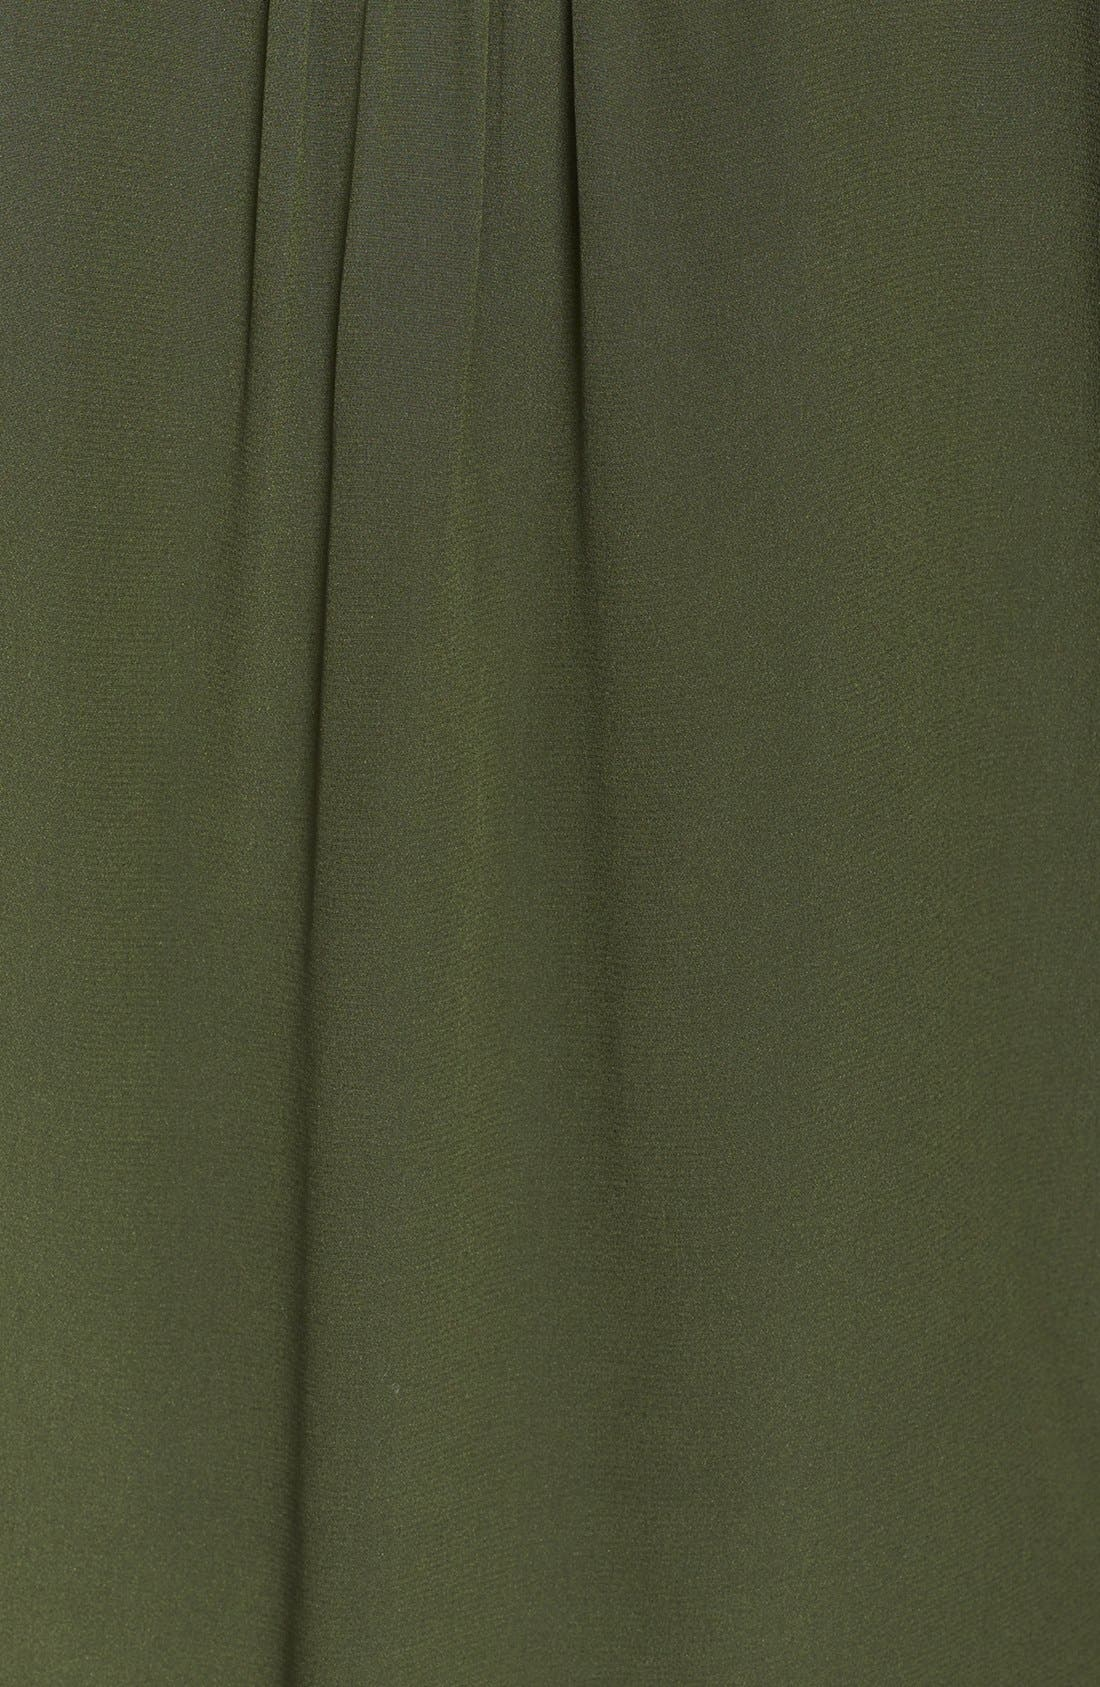 Alternate Image 3  - Diane von Furstenberg 'Danielle' Silk Blouse